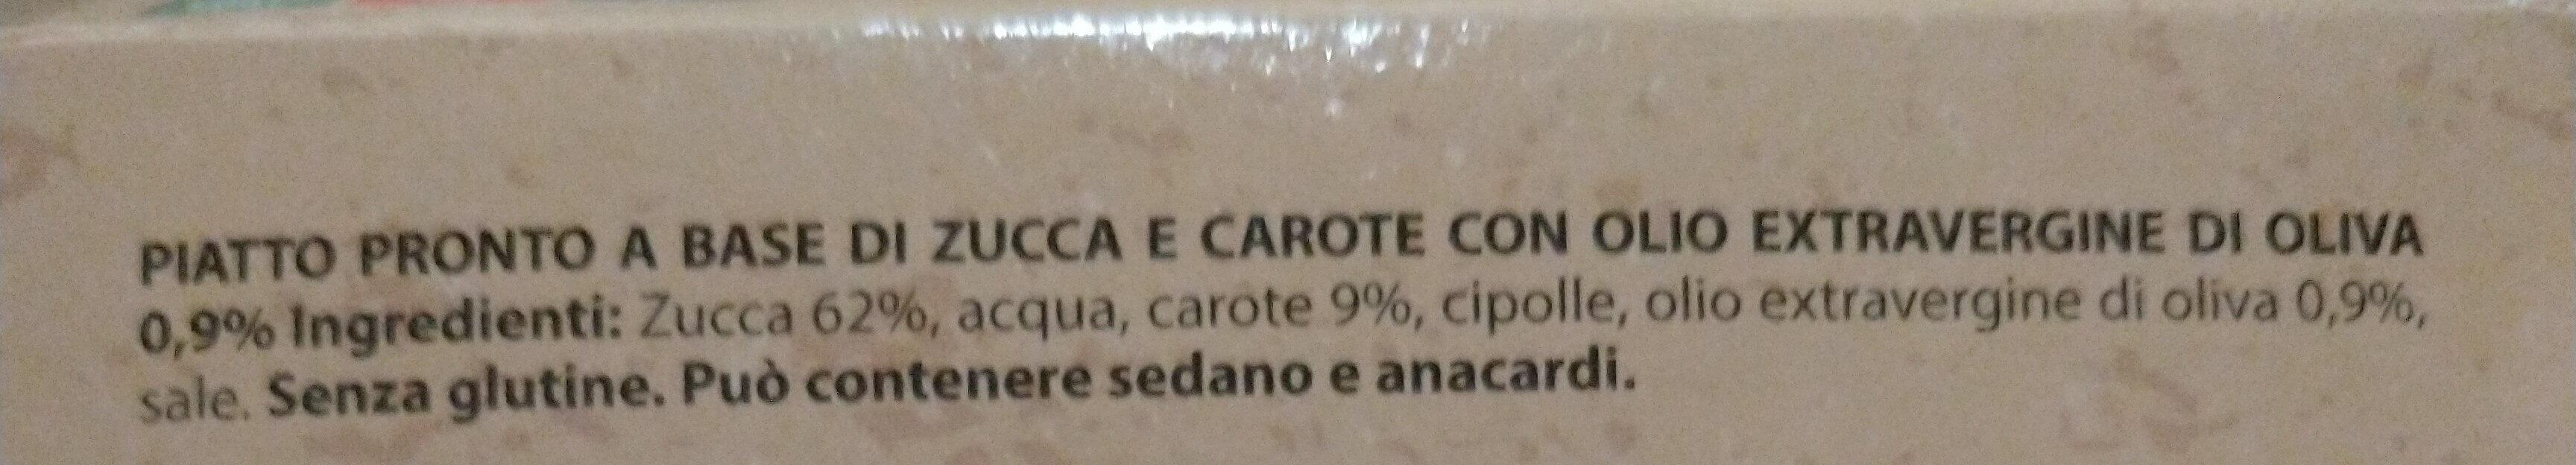 Passato di zucca con carote - Ingrédients - it